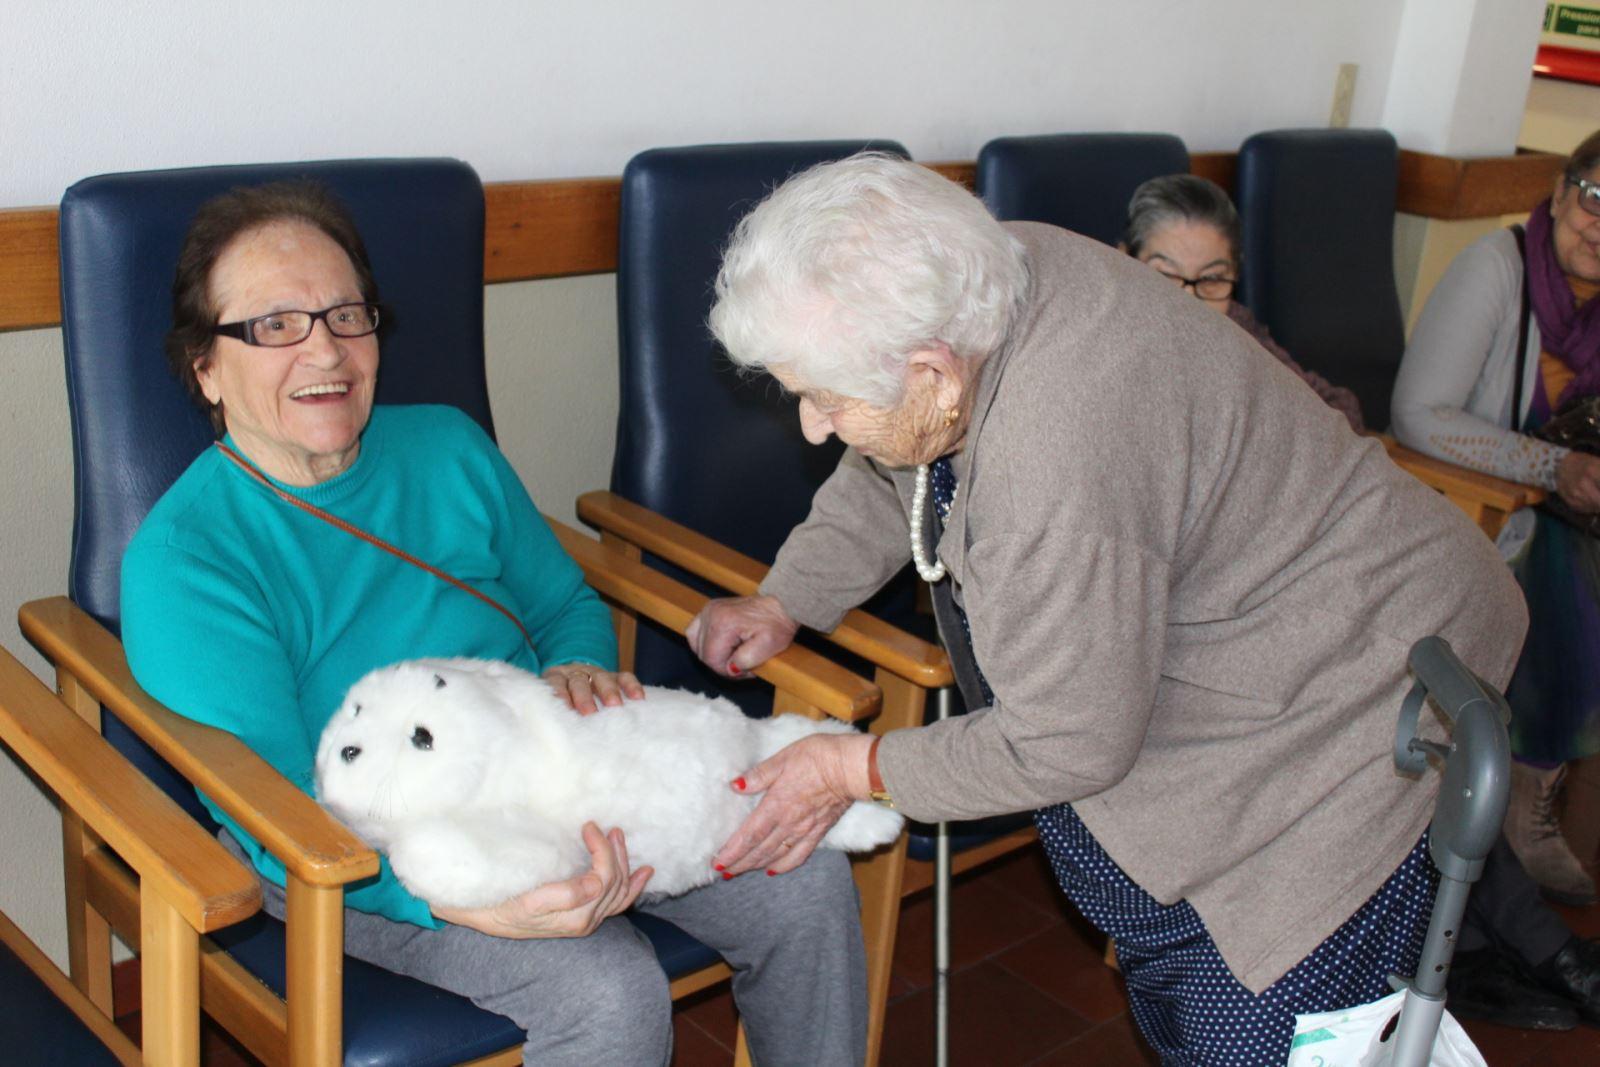 Promover a qualidade de vida dos idosos